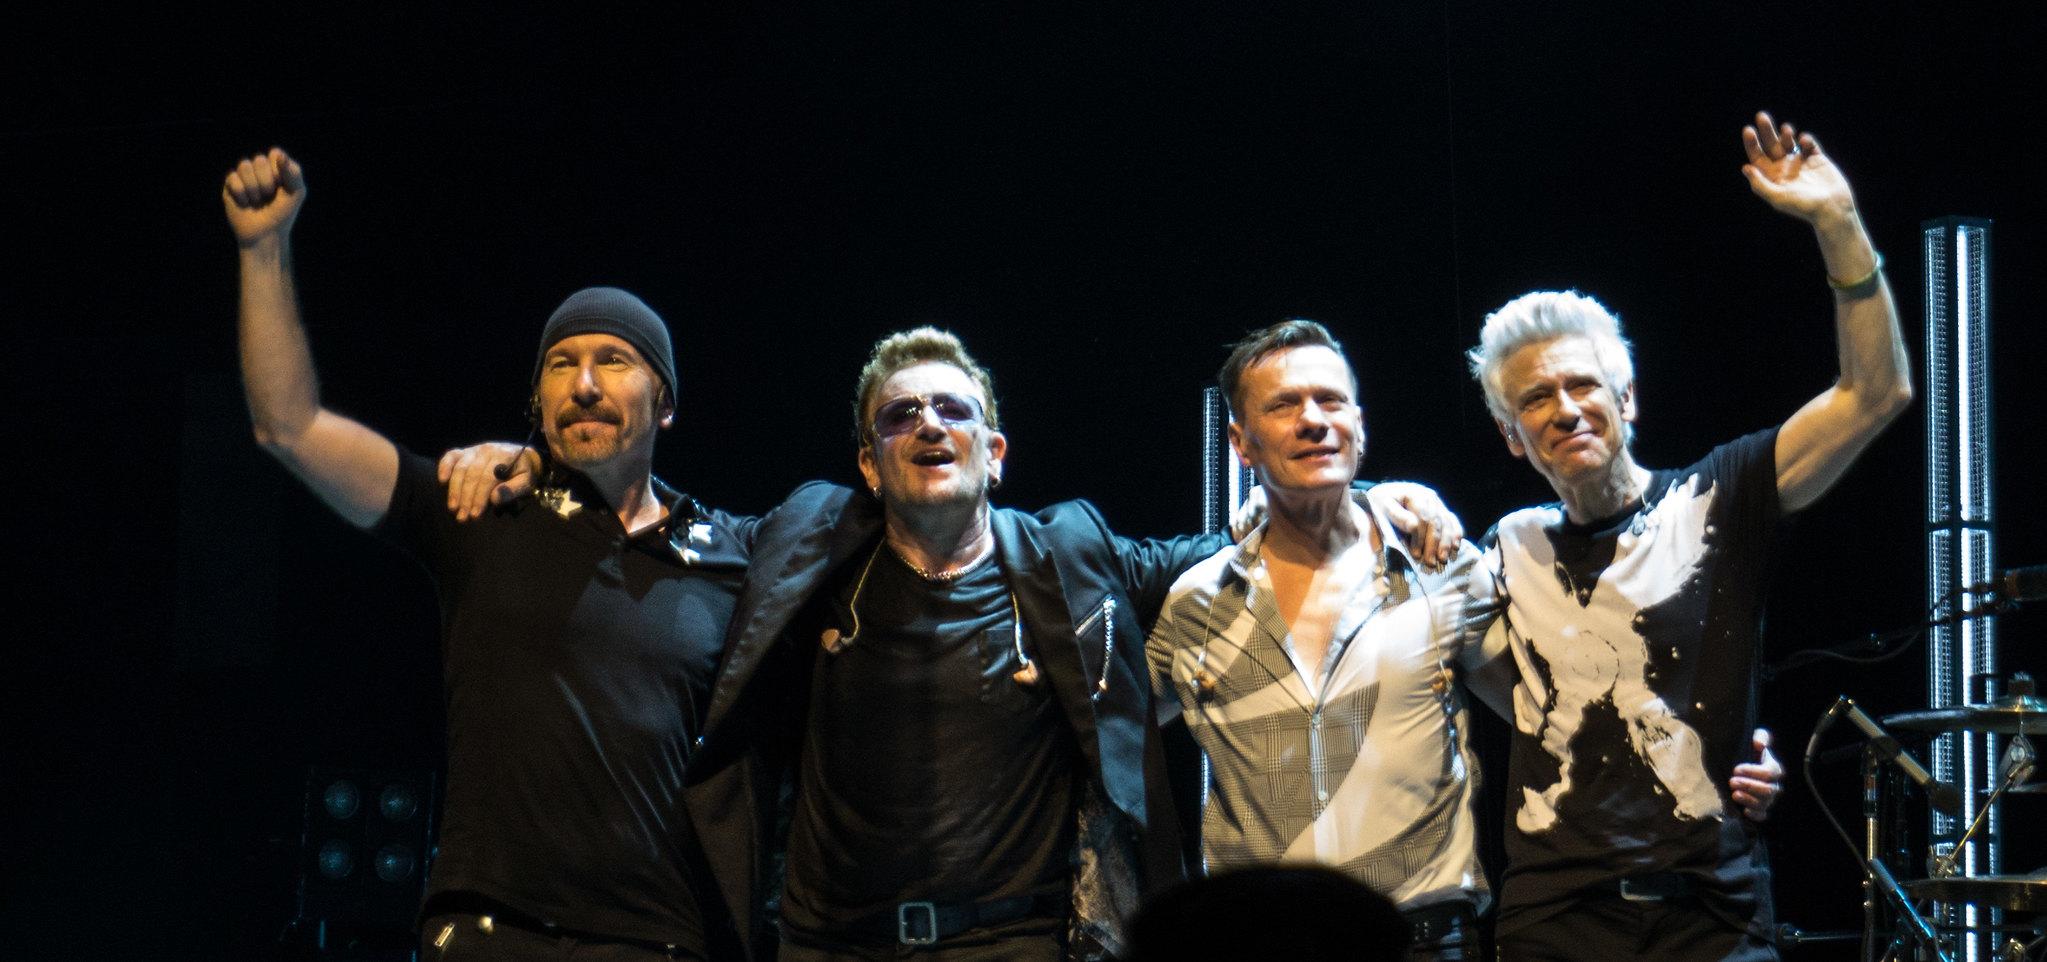 Bandas de rock viejas U2